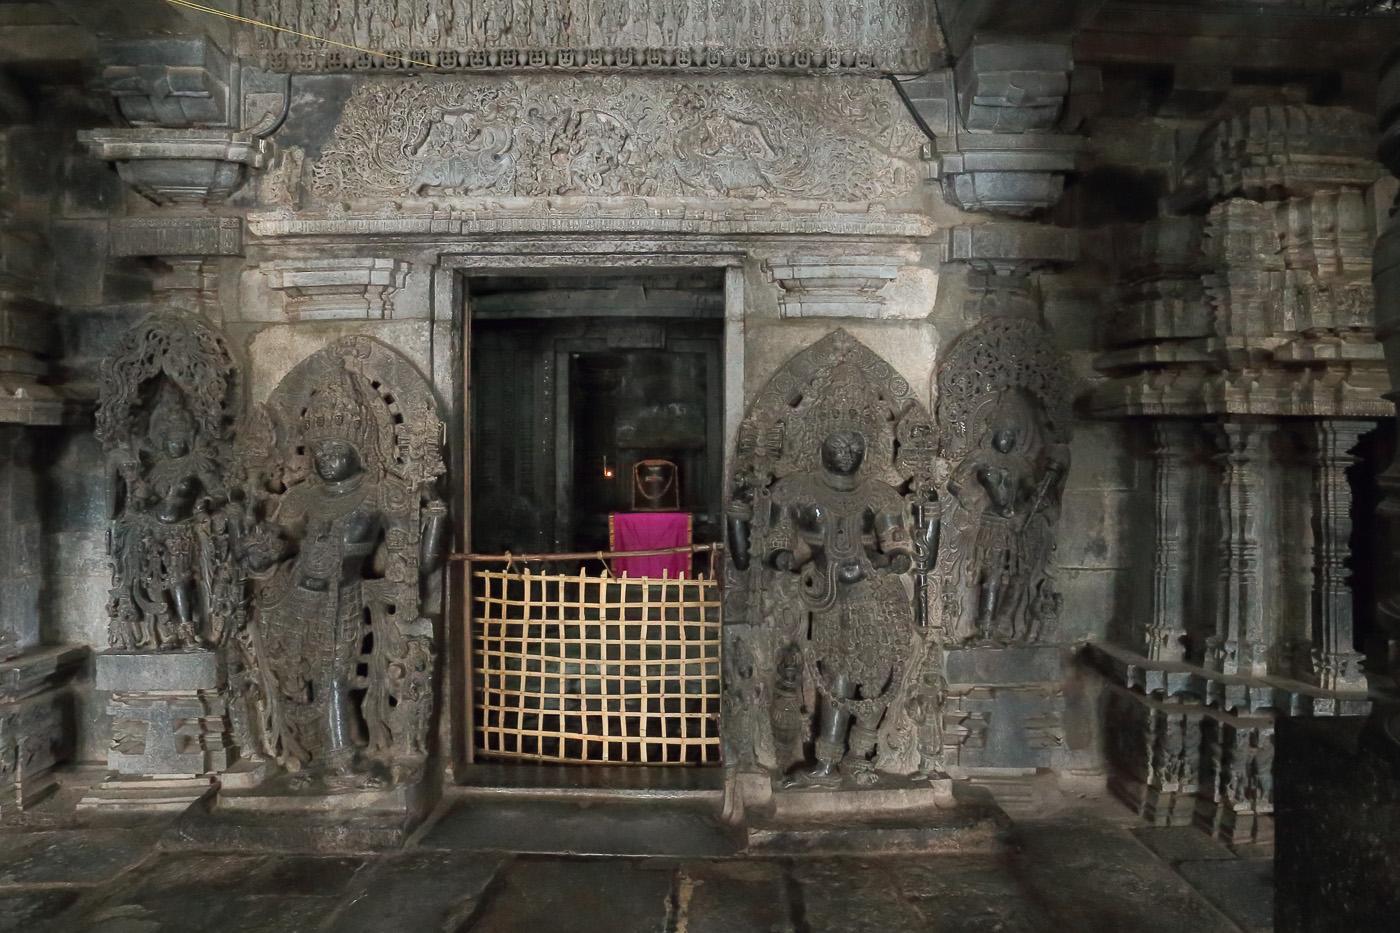 Фото №4. Храм Hoysaleshwara Temple, алтарь с лингамом. Рассказы о путешествии по Индии. 1/8, -1 eV, f9, 17 mm, ISO 12800